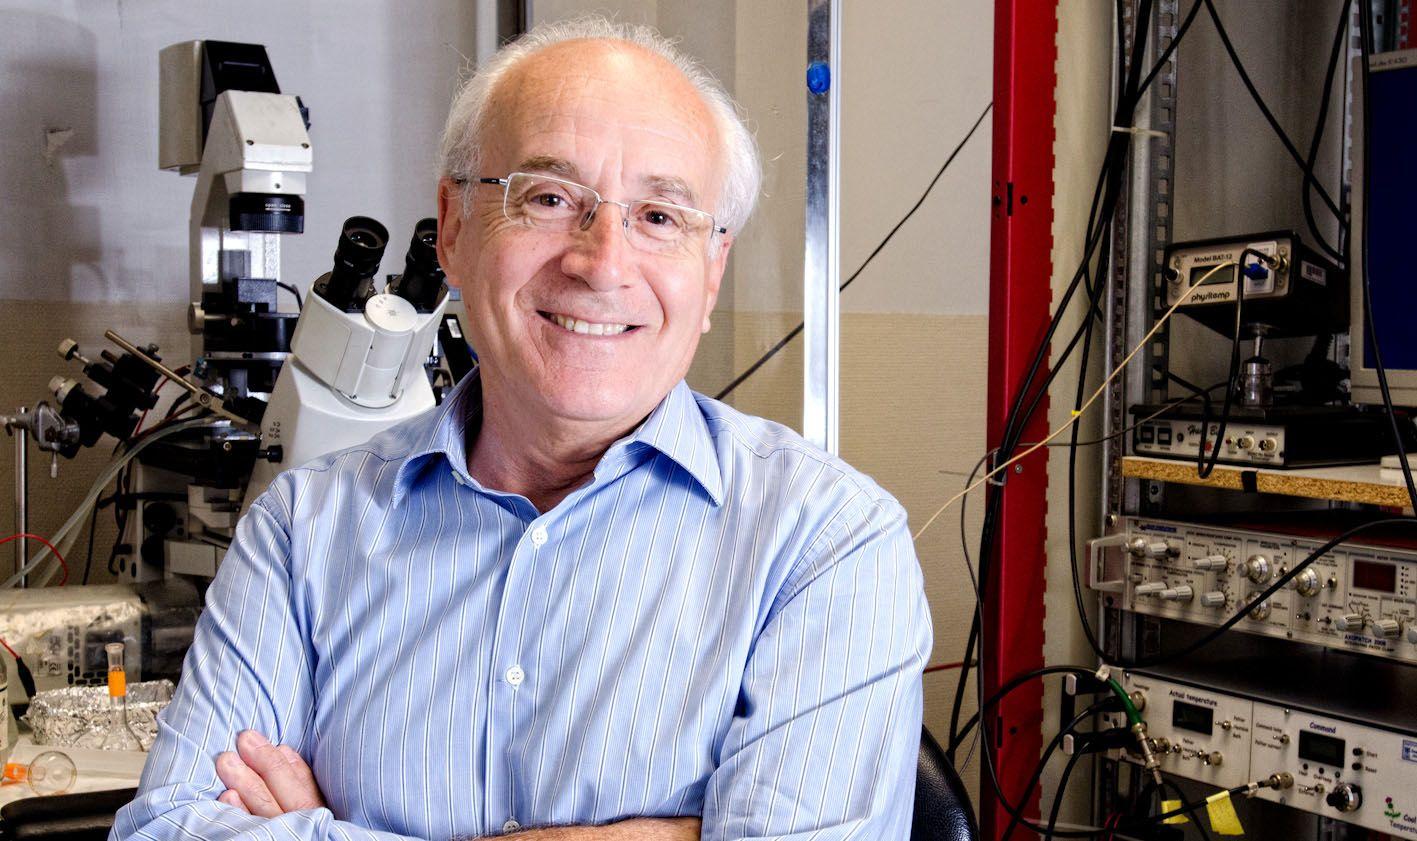 'Nature� reconoce al tutor de Neurolog�a m�s excelente de Espa�a